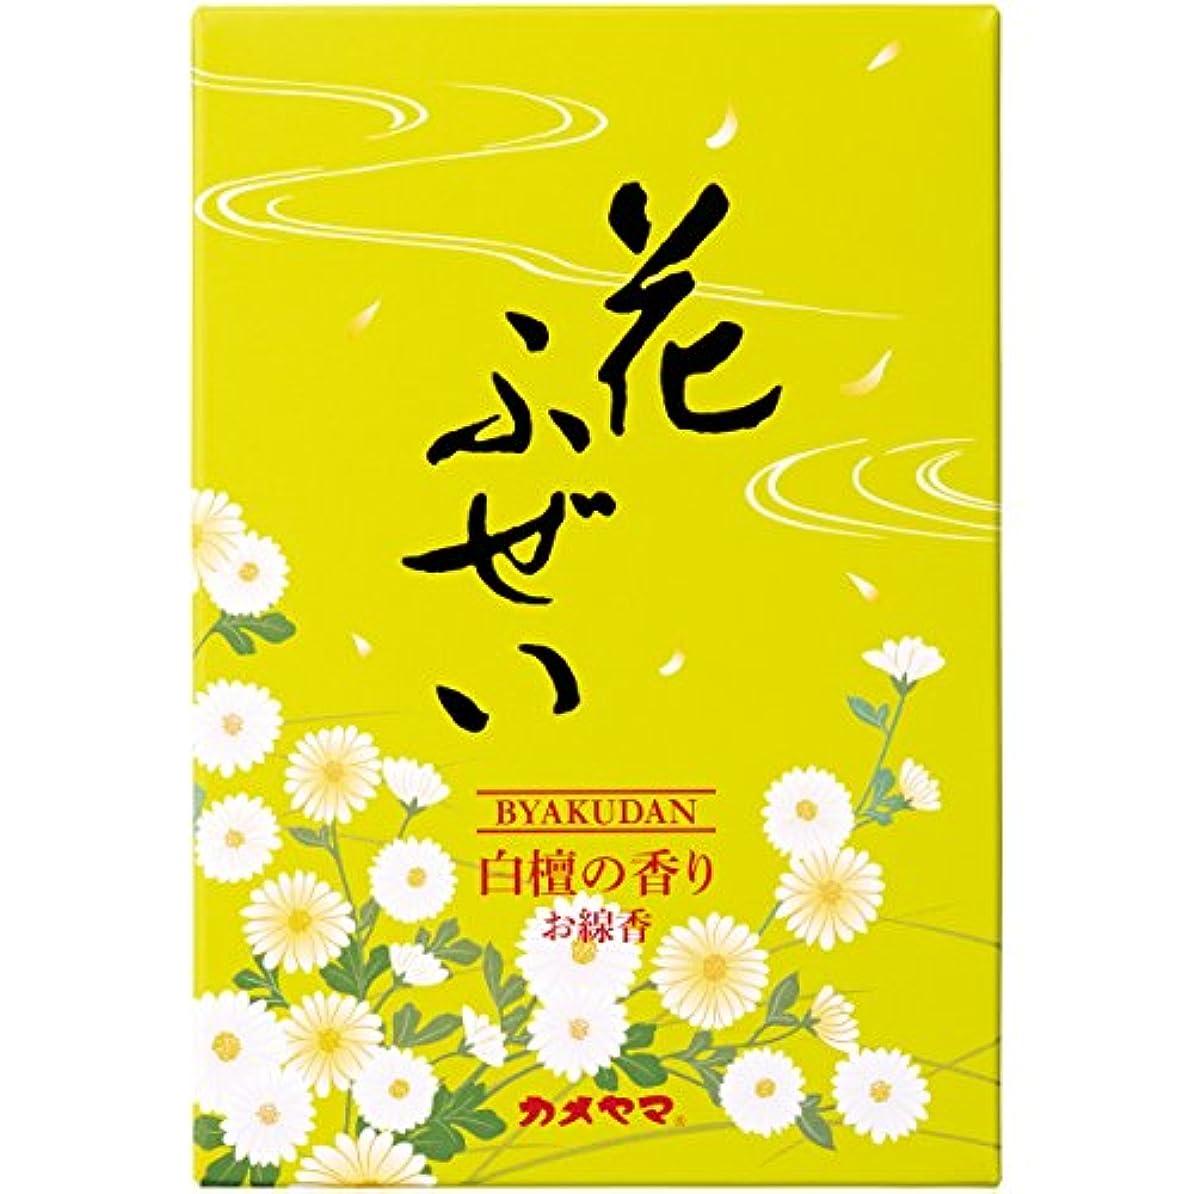 温度計グローブつぼみカメヤマ 花ふぜい(黄)白檀 徳用大型